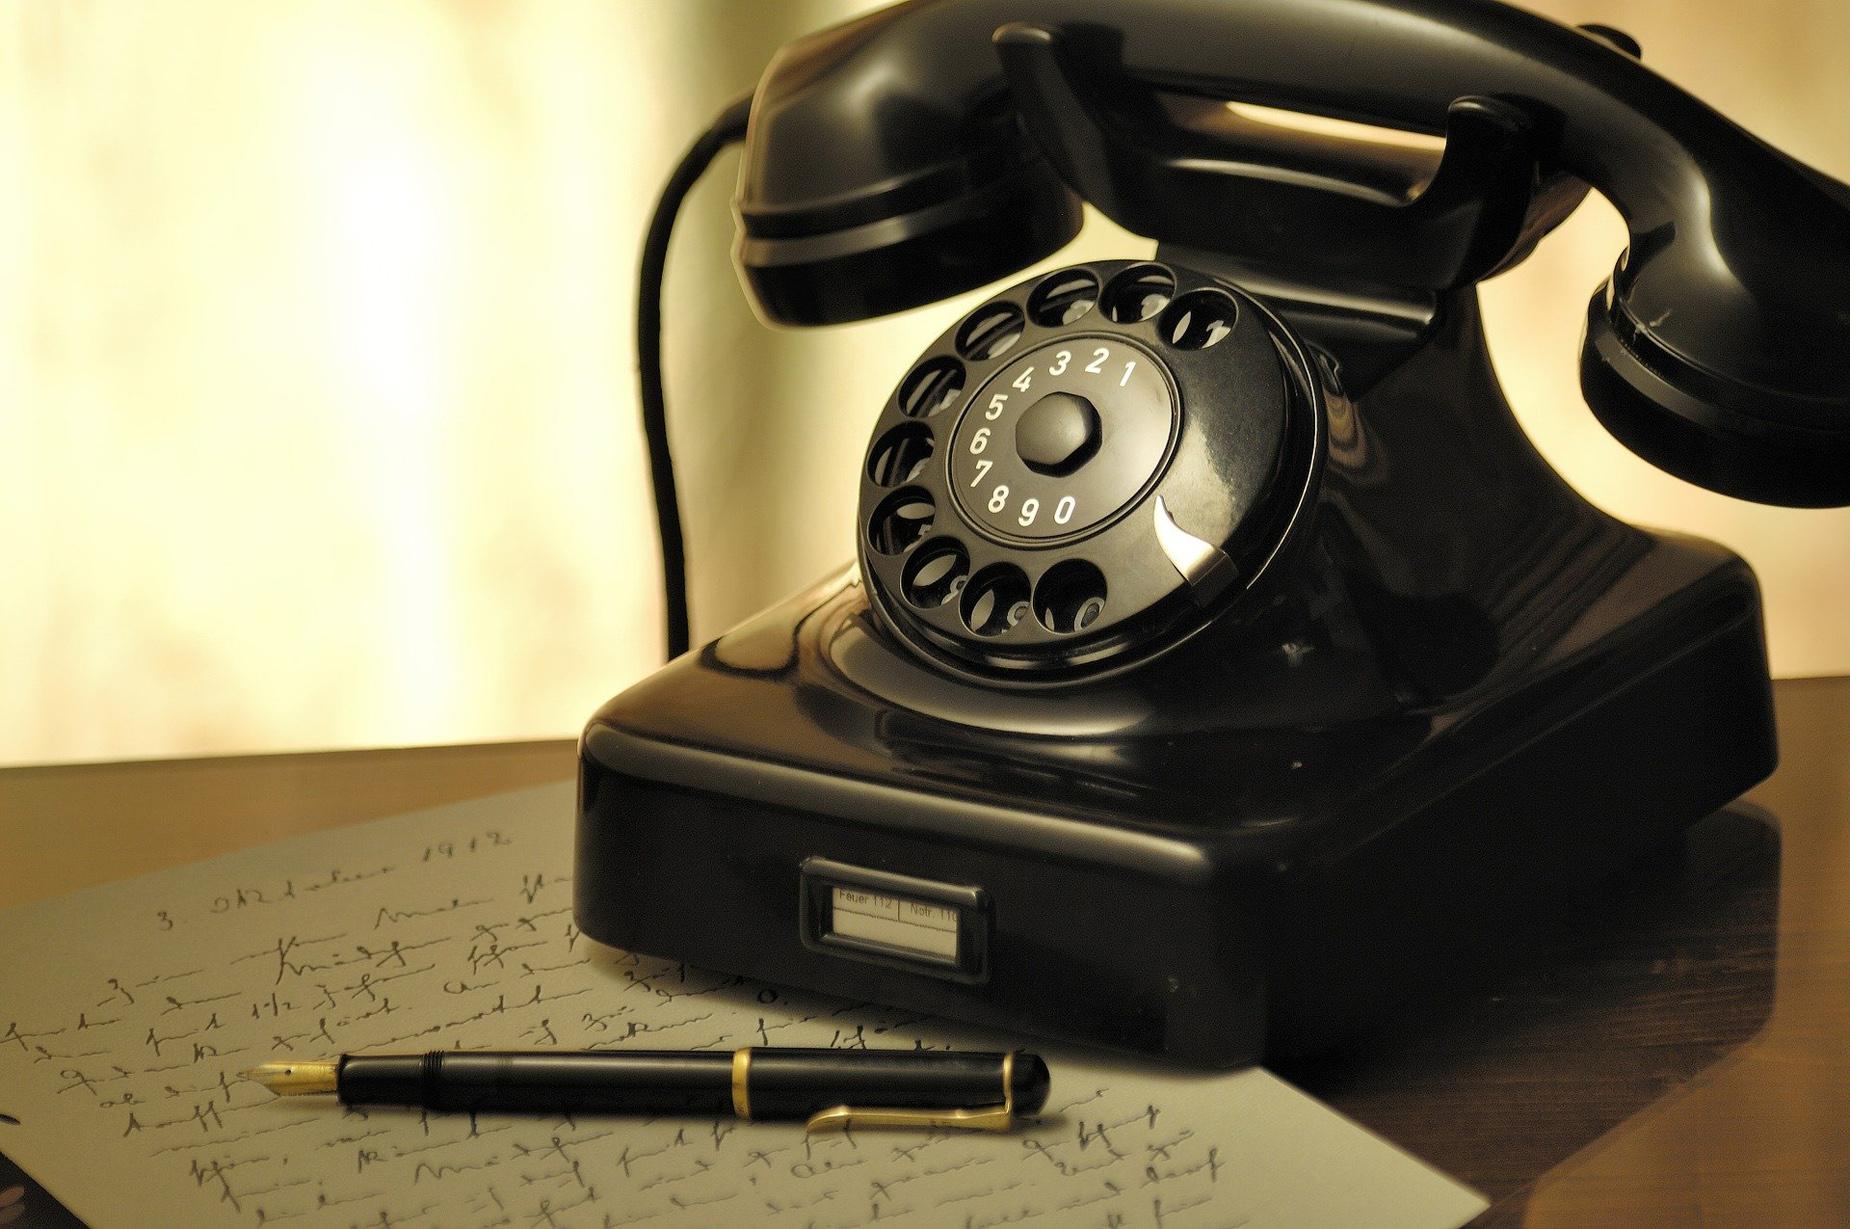 Seniorze, czujesz się samotny? Potrzebujesz rozmowy lub pomocy? Zadzwoń na specjalny telefon